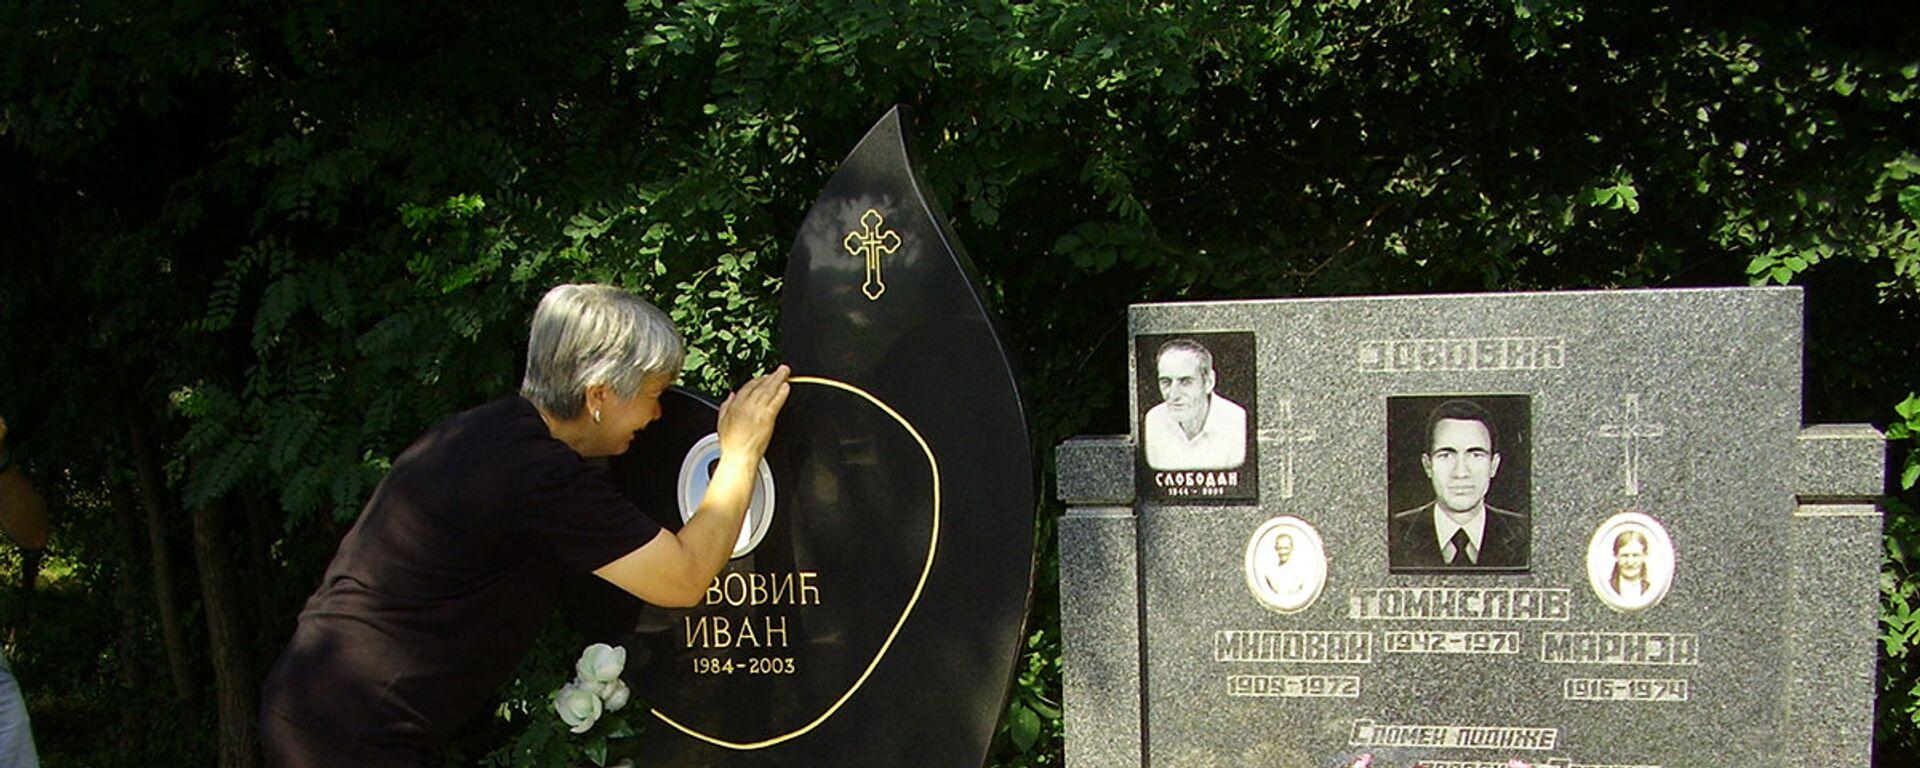 Majka Ivana Jovovića na grobu svog sina u Goraždevcu. - Sputnik Srbija, 1920, 13.08.2021